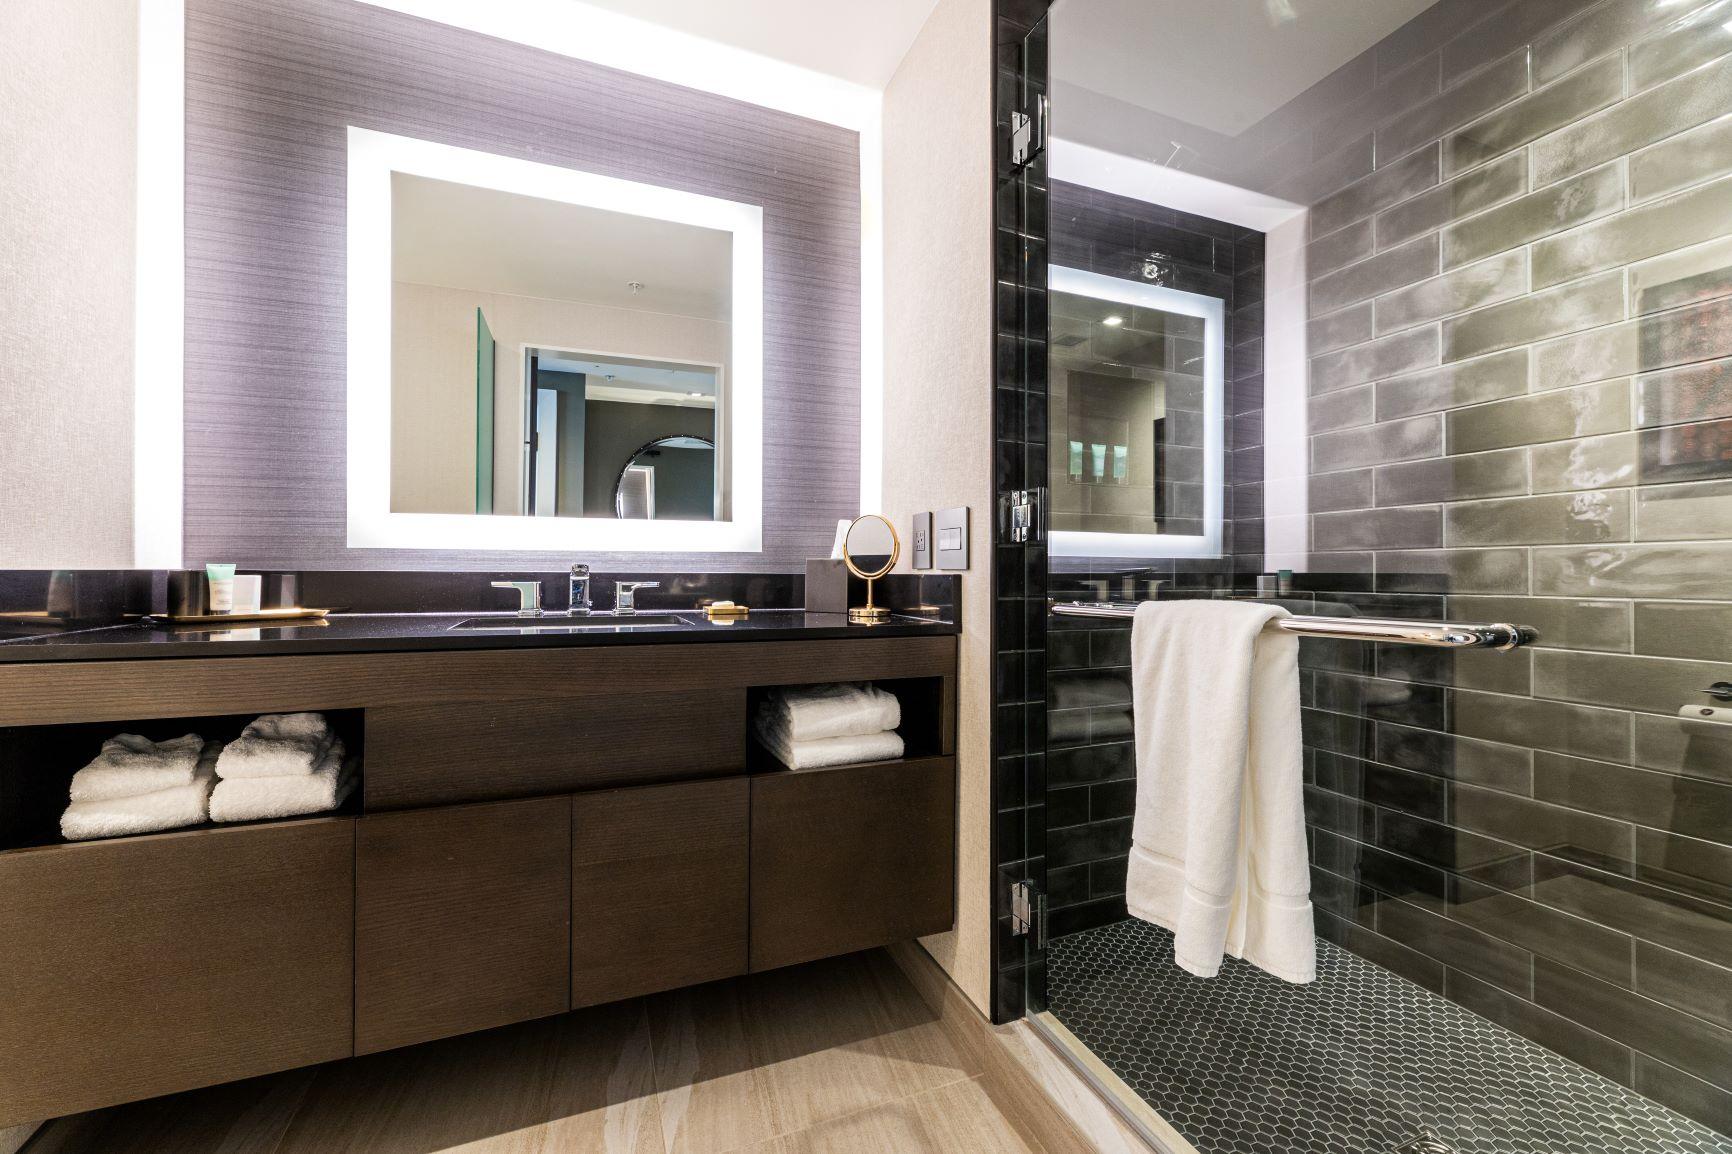 Hotel Vin Guestroom Bathroom